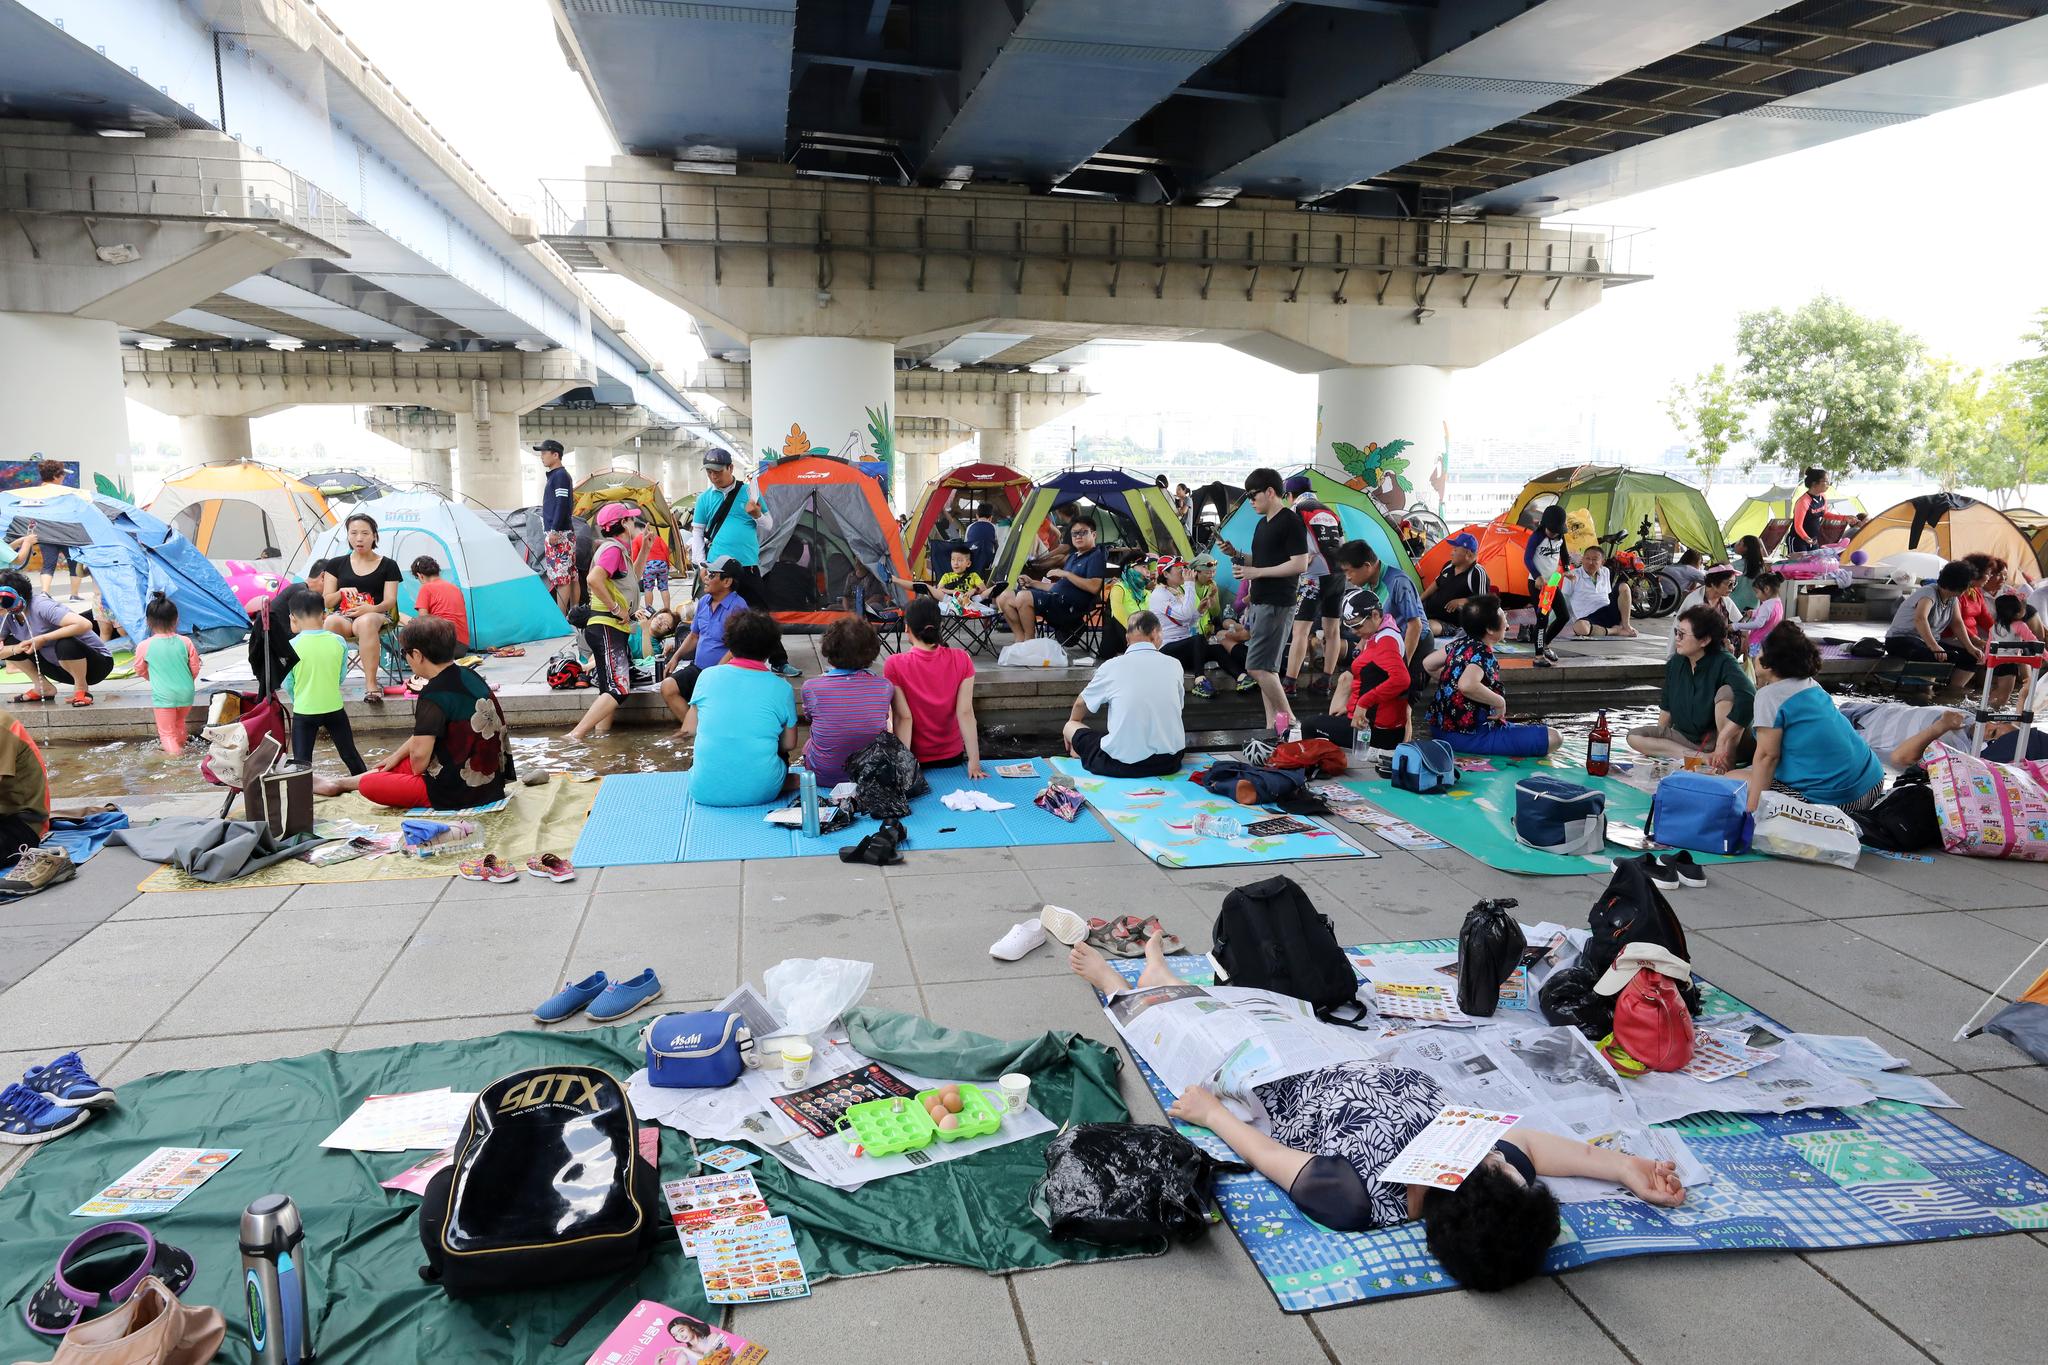 전국적으로 폭염이 이어지는 29일 서울 영등포구 여의도 한강공원을 찾은 시민들이 마포대교 아래에서 더위를 식히고 있다. [뉴스1]